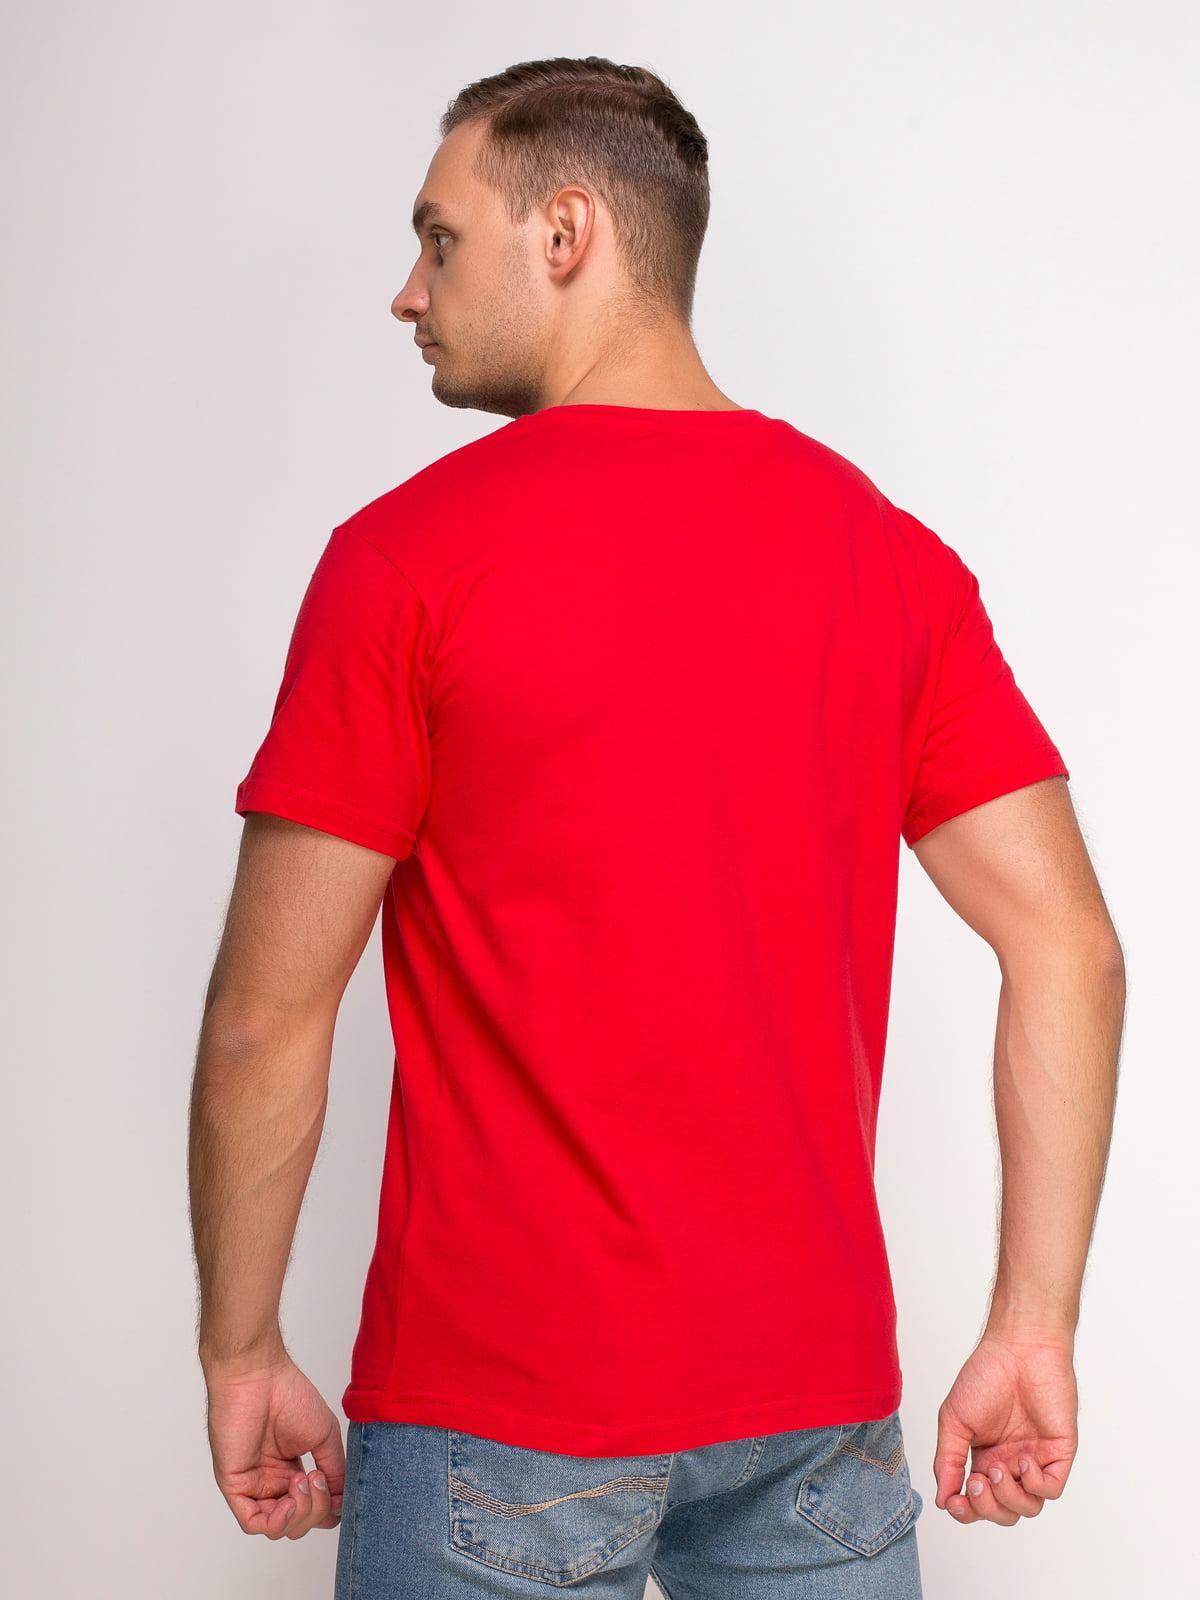 Футболка червона з принтом | 4583090 | фото 2